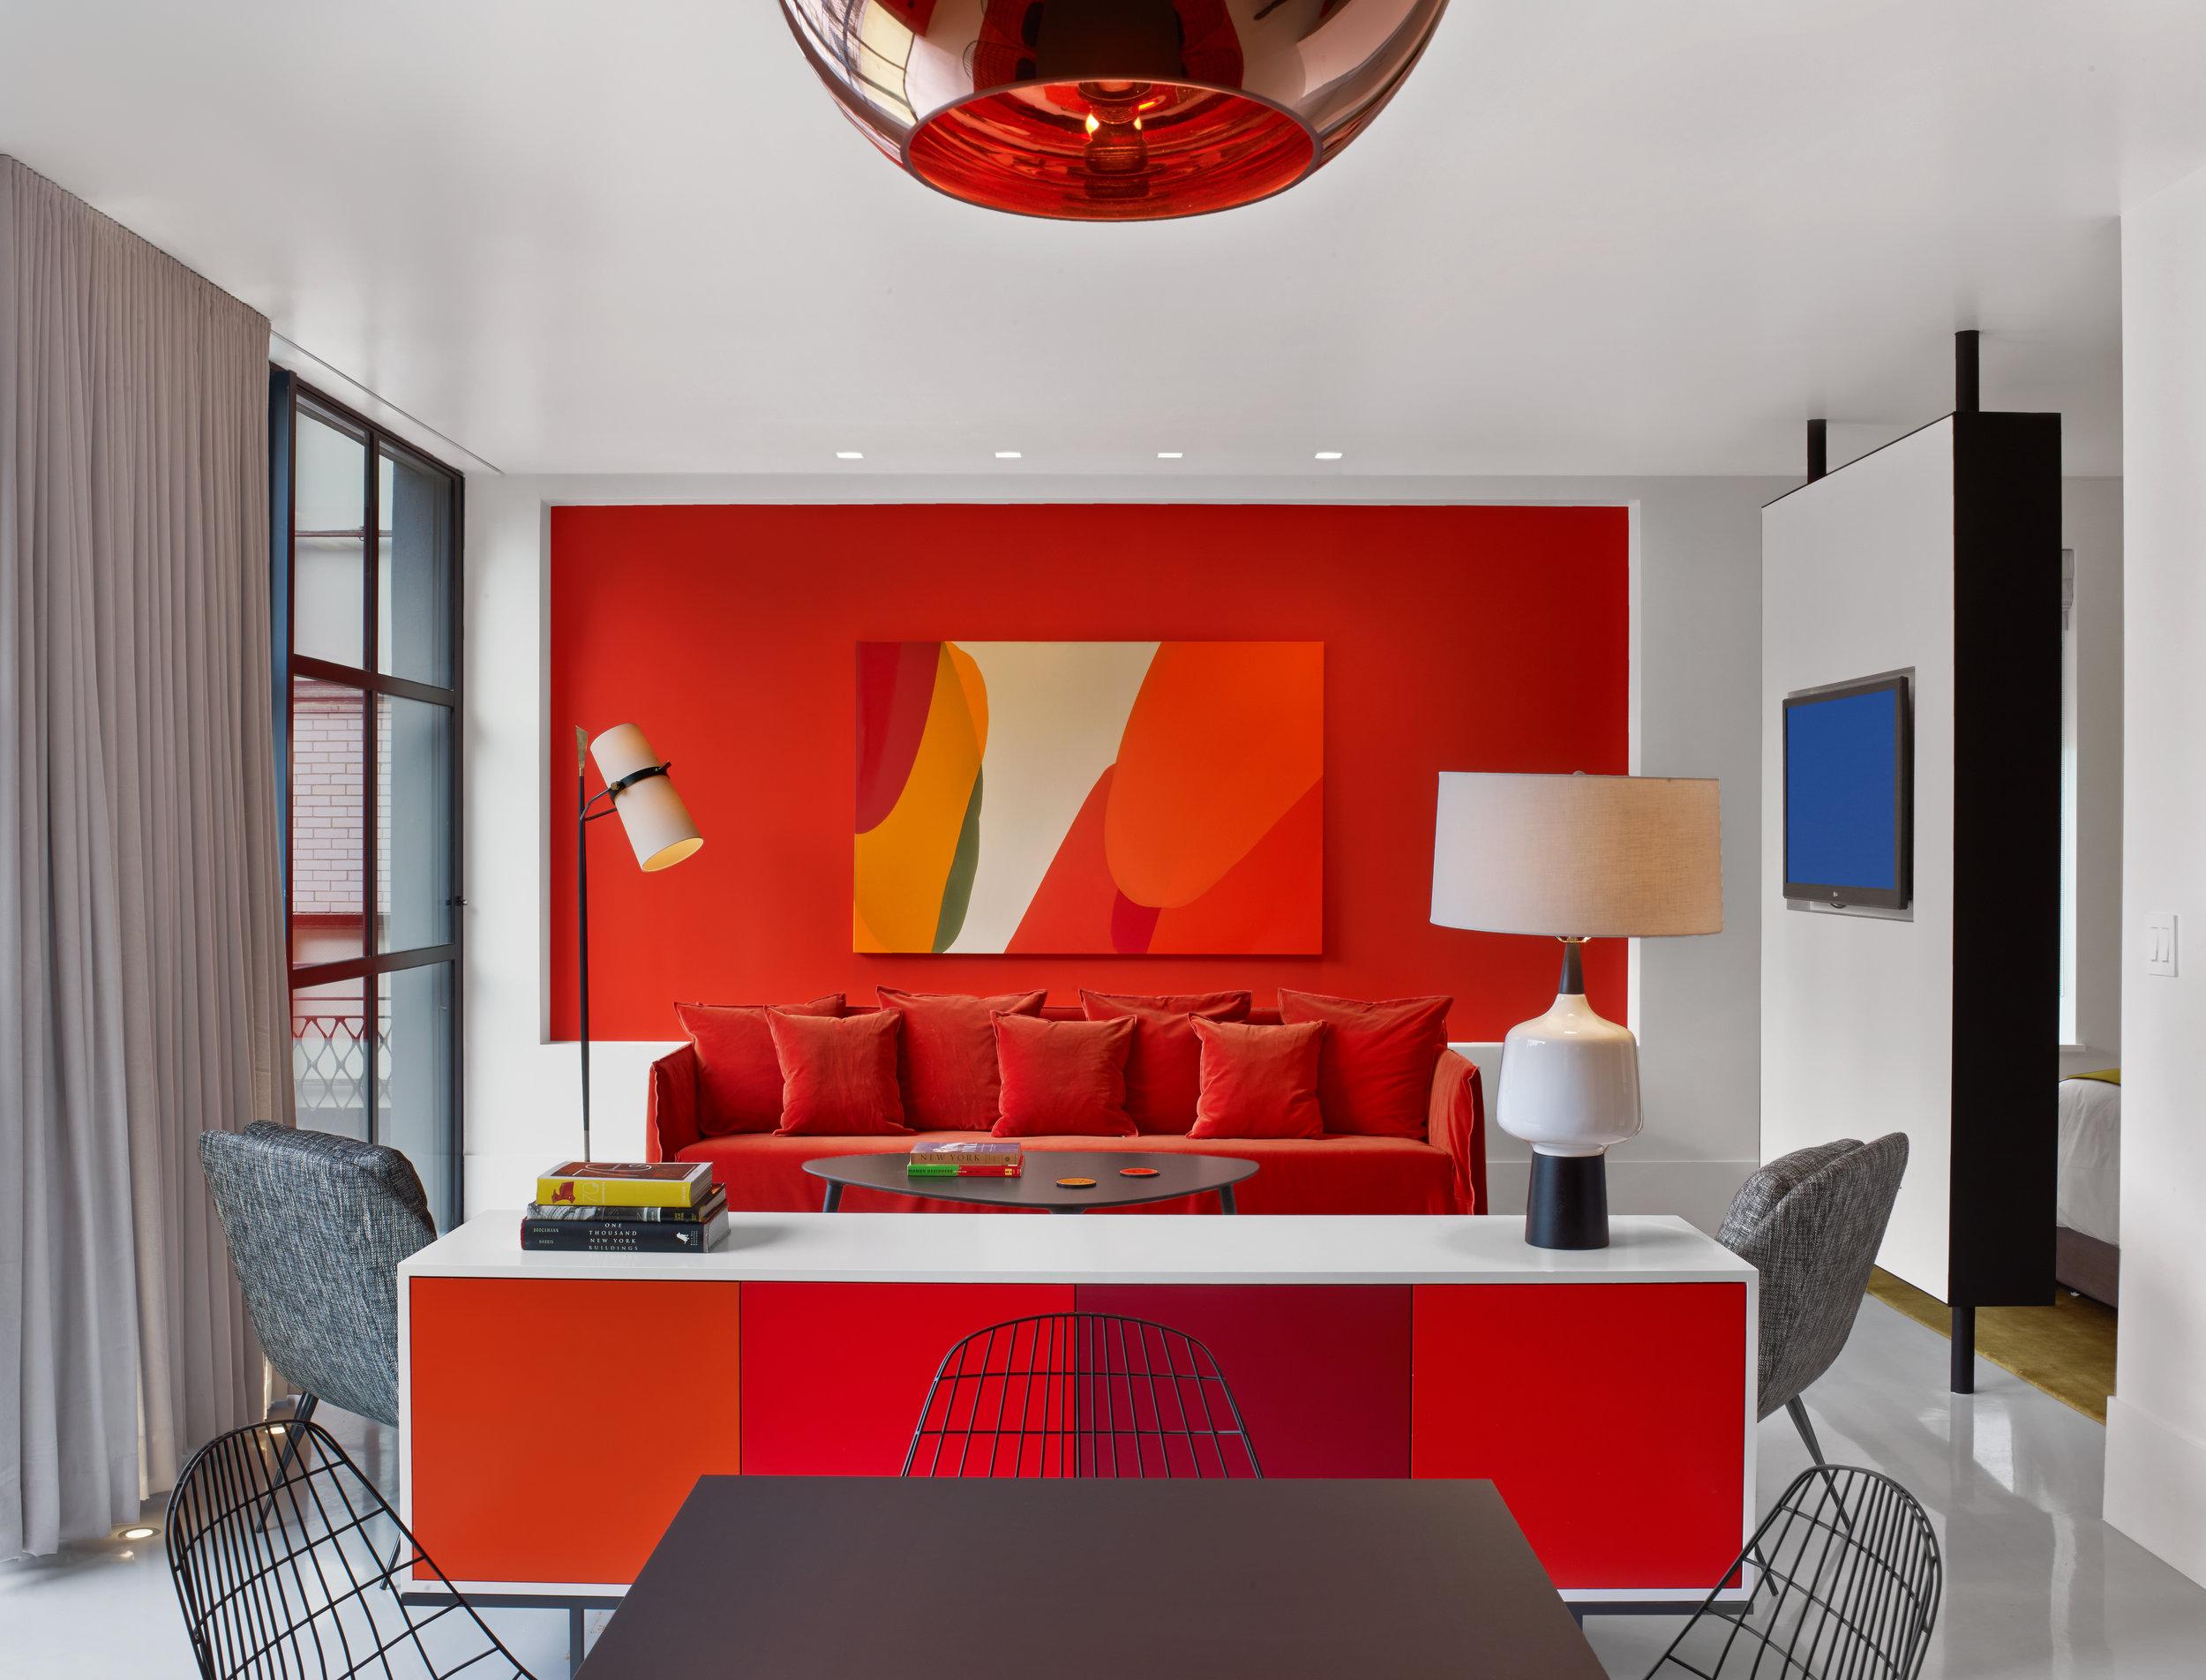 william-engel-the-william-hotel_24834969560_o.jpg